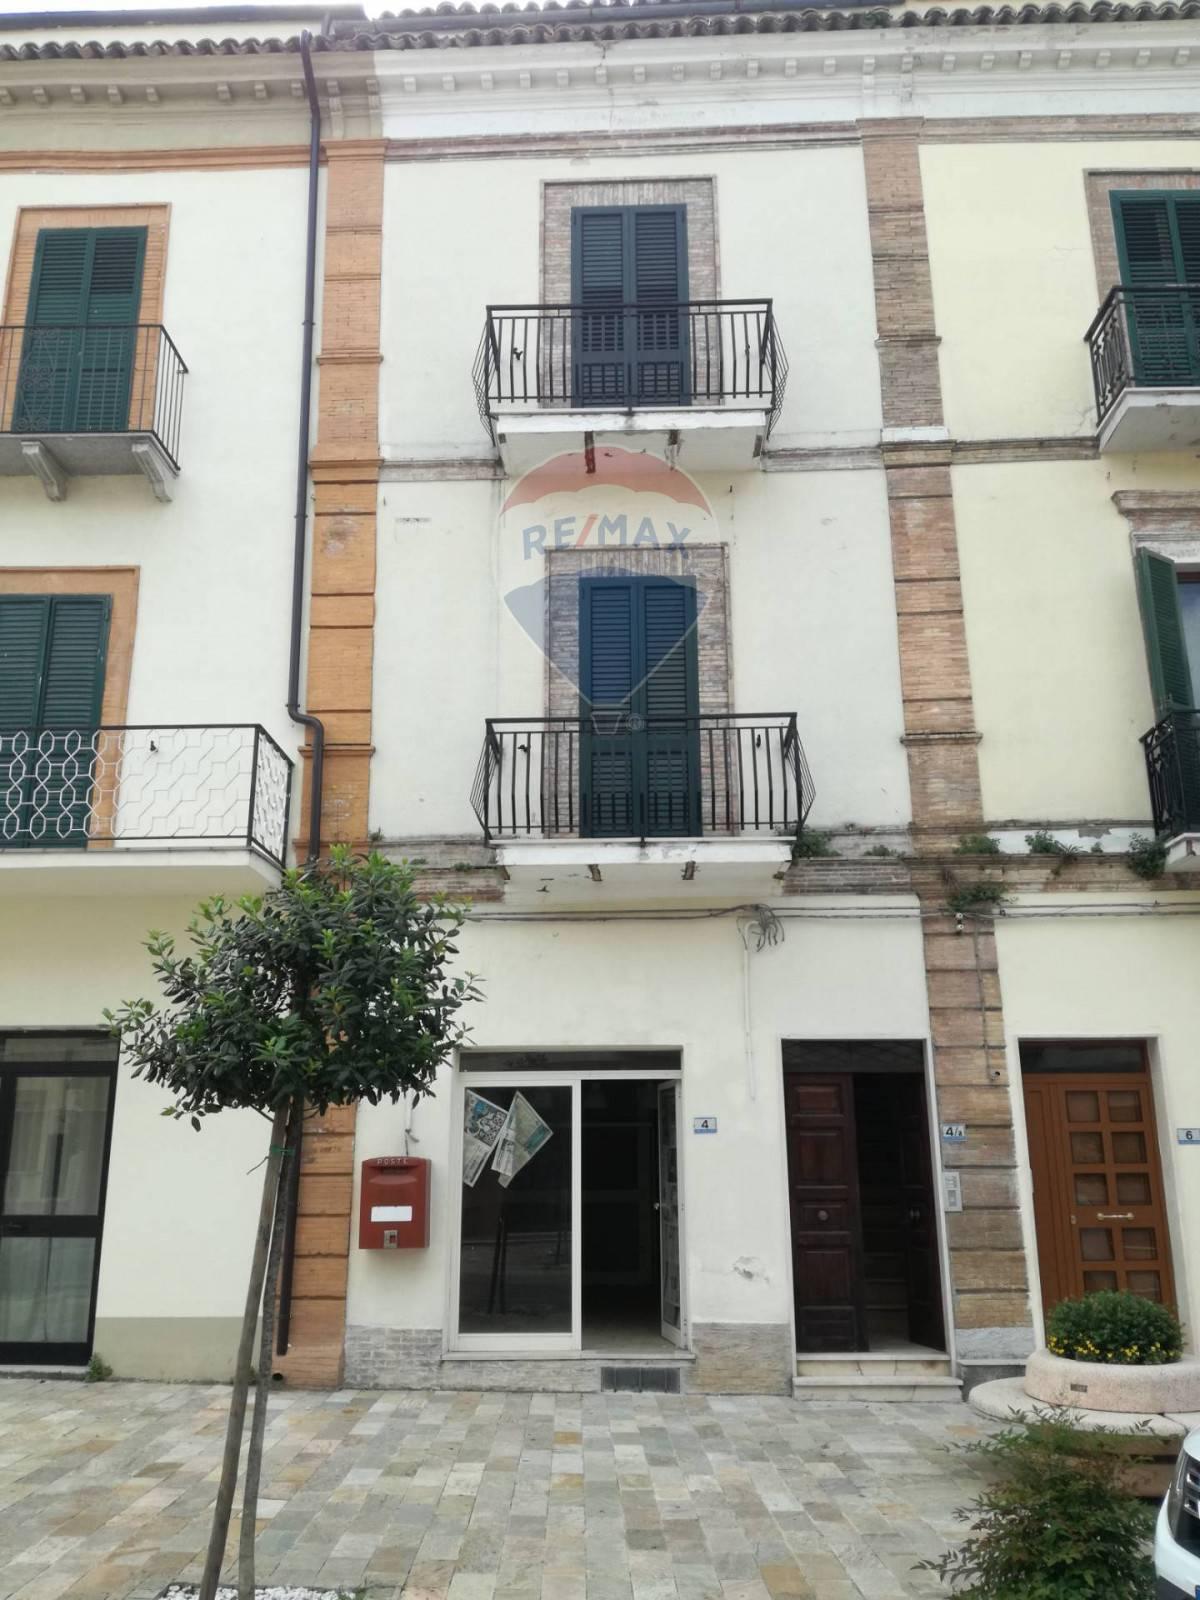 Appartamento in affitto a Gissi, 14 locali, zona Zona: Case, prezzo € 300 | CambioCasa.it